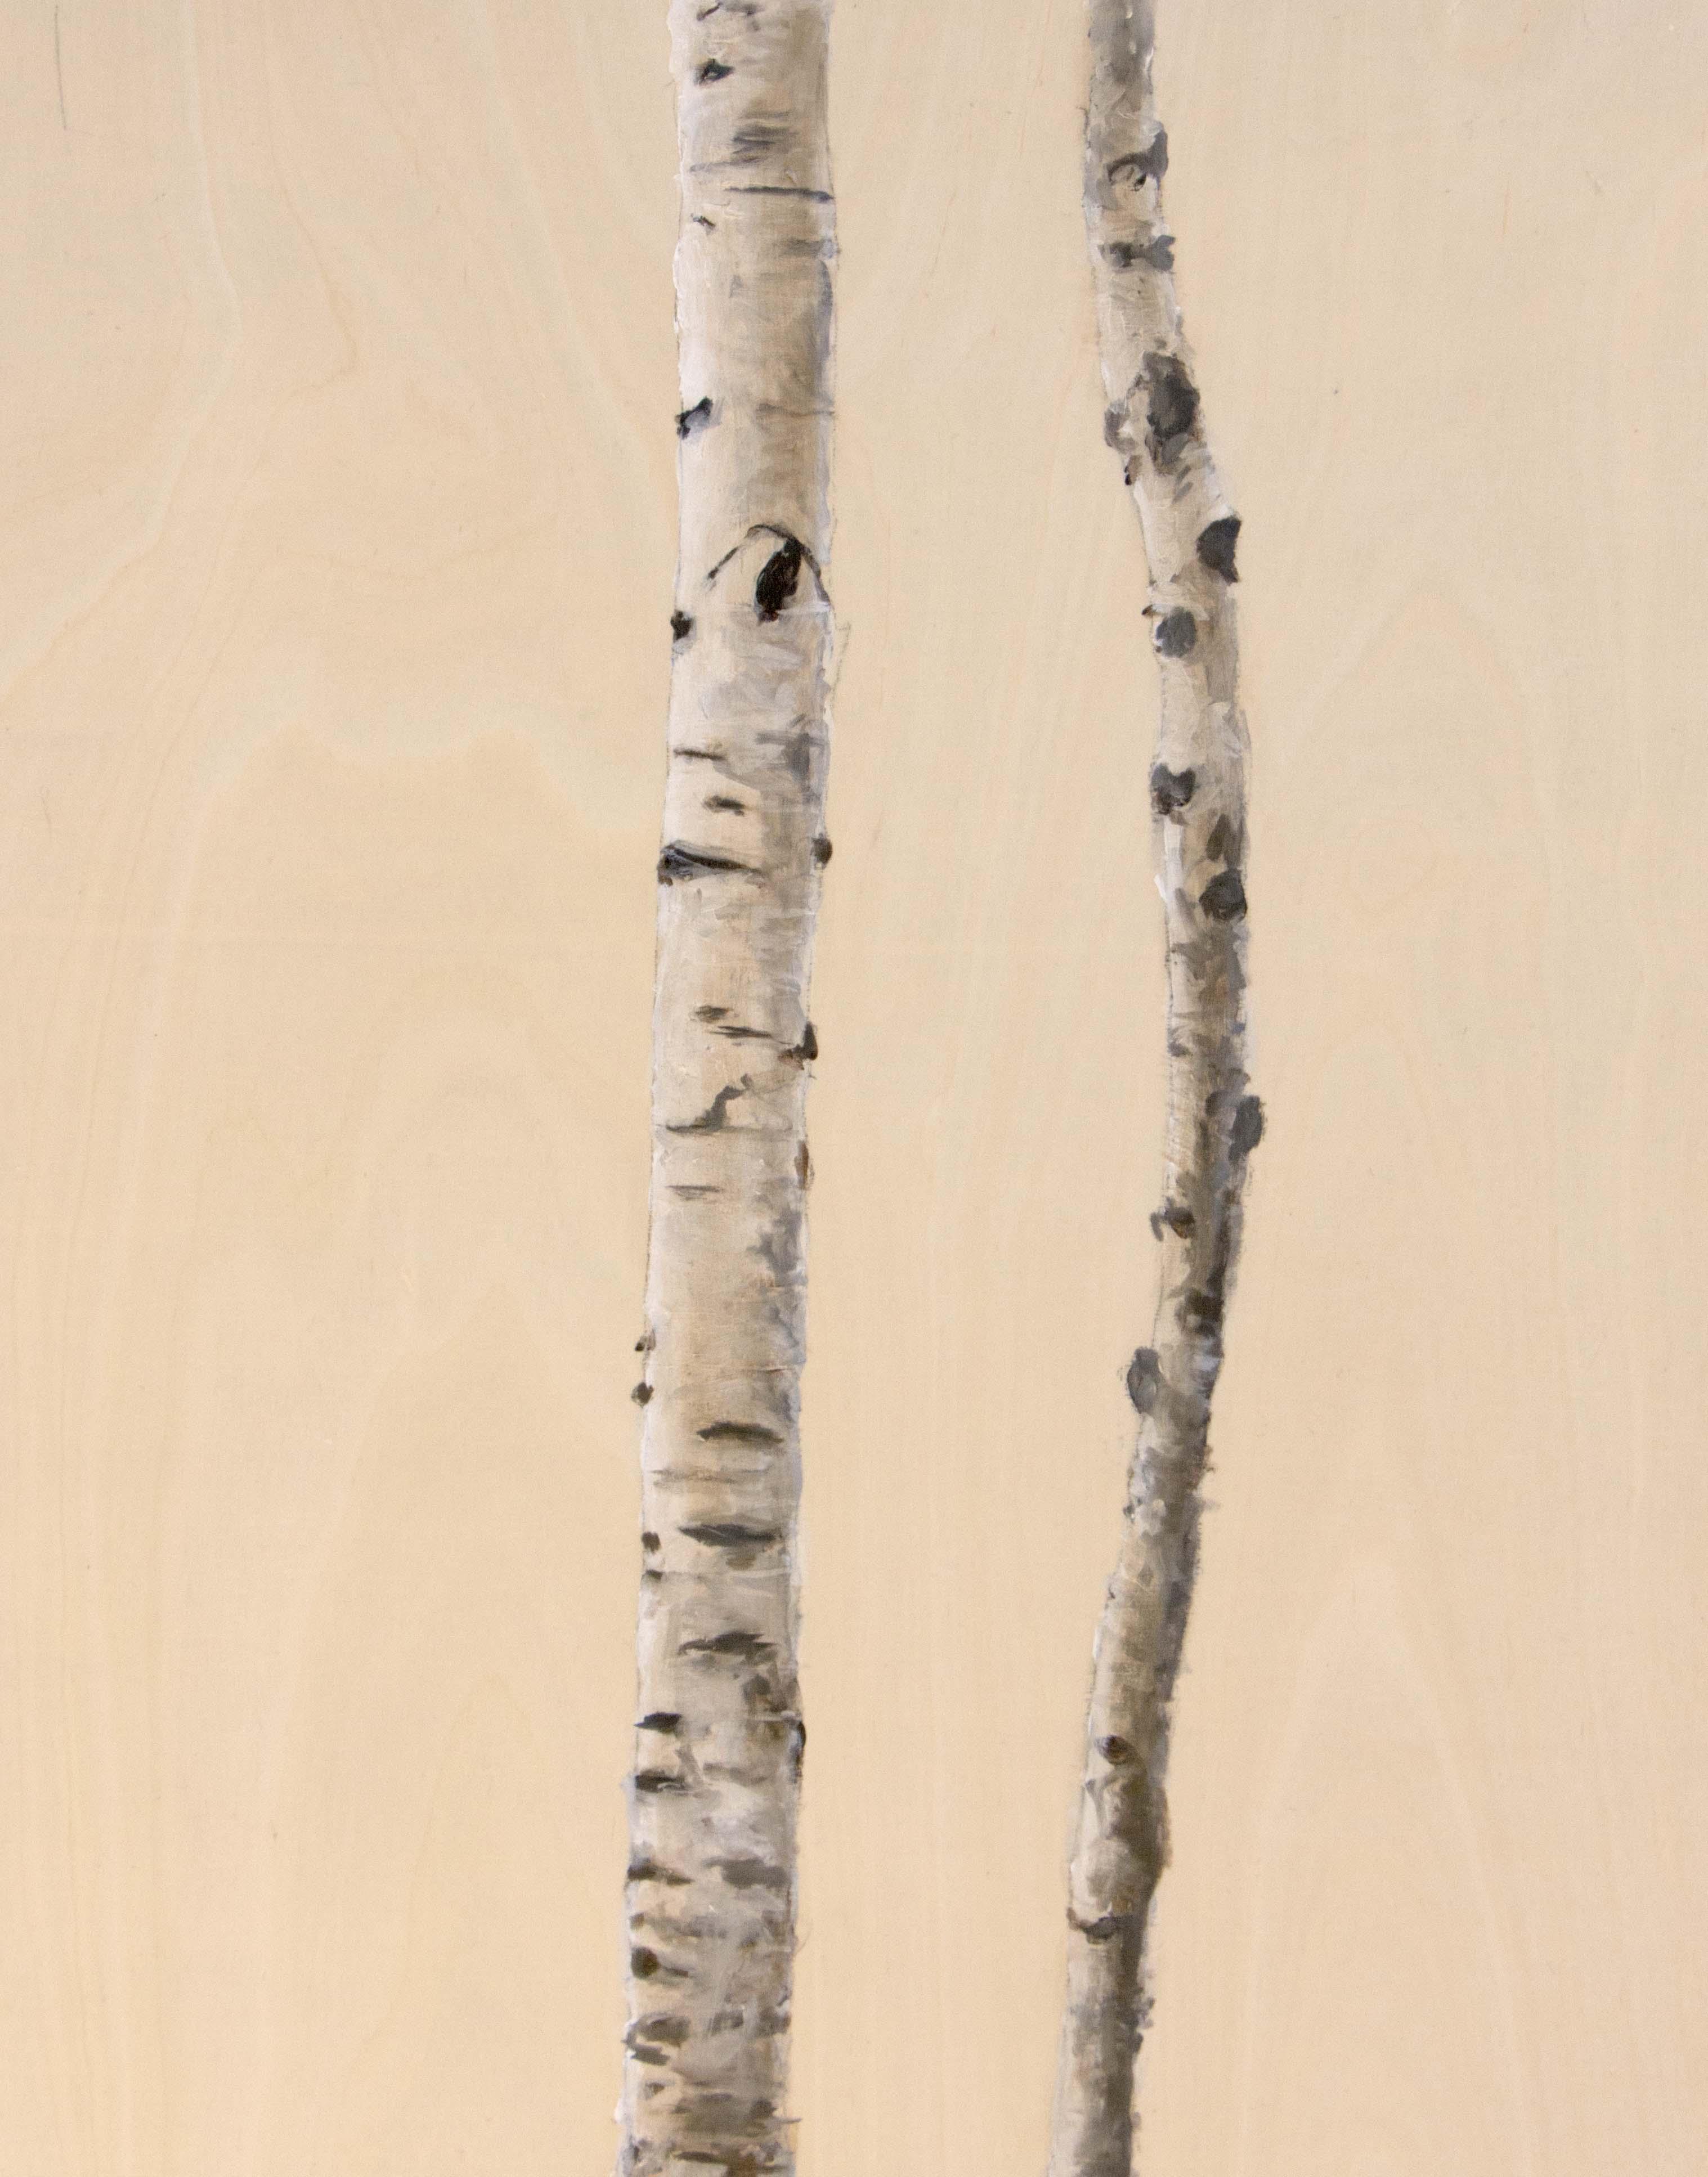 TreeStudy#2